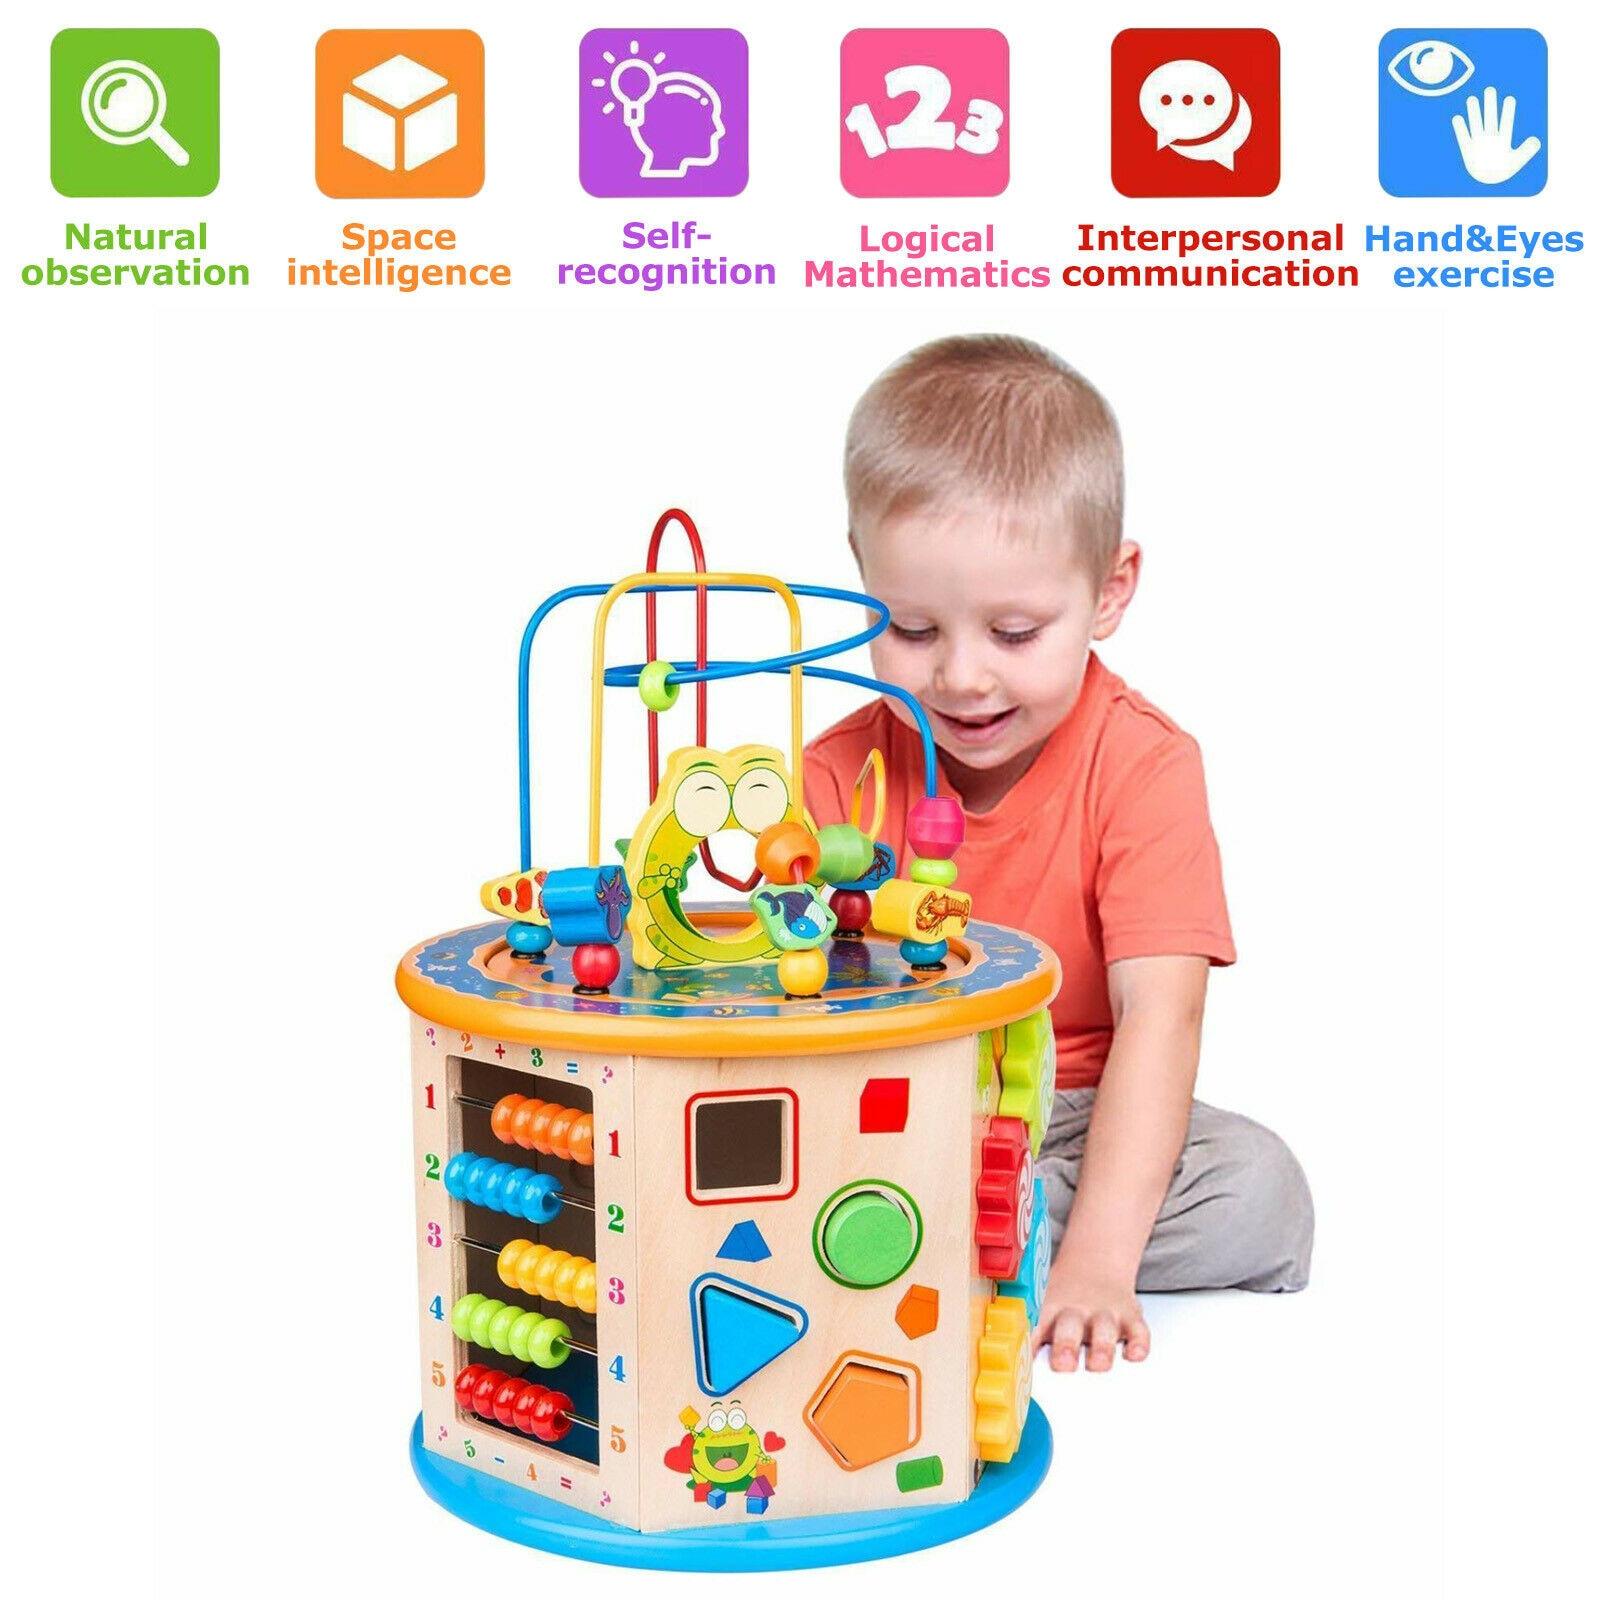 Montessori jouets en bois cercles en bois perle fil labyrinthe montagnes russes éducatifs bois Puzzles enfant jouet